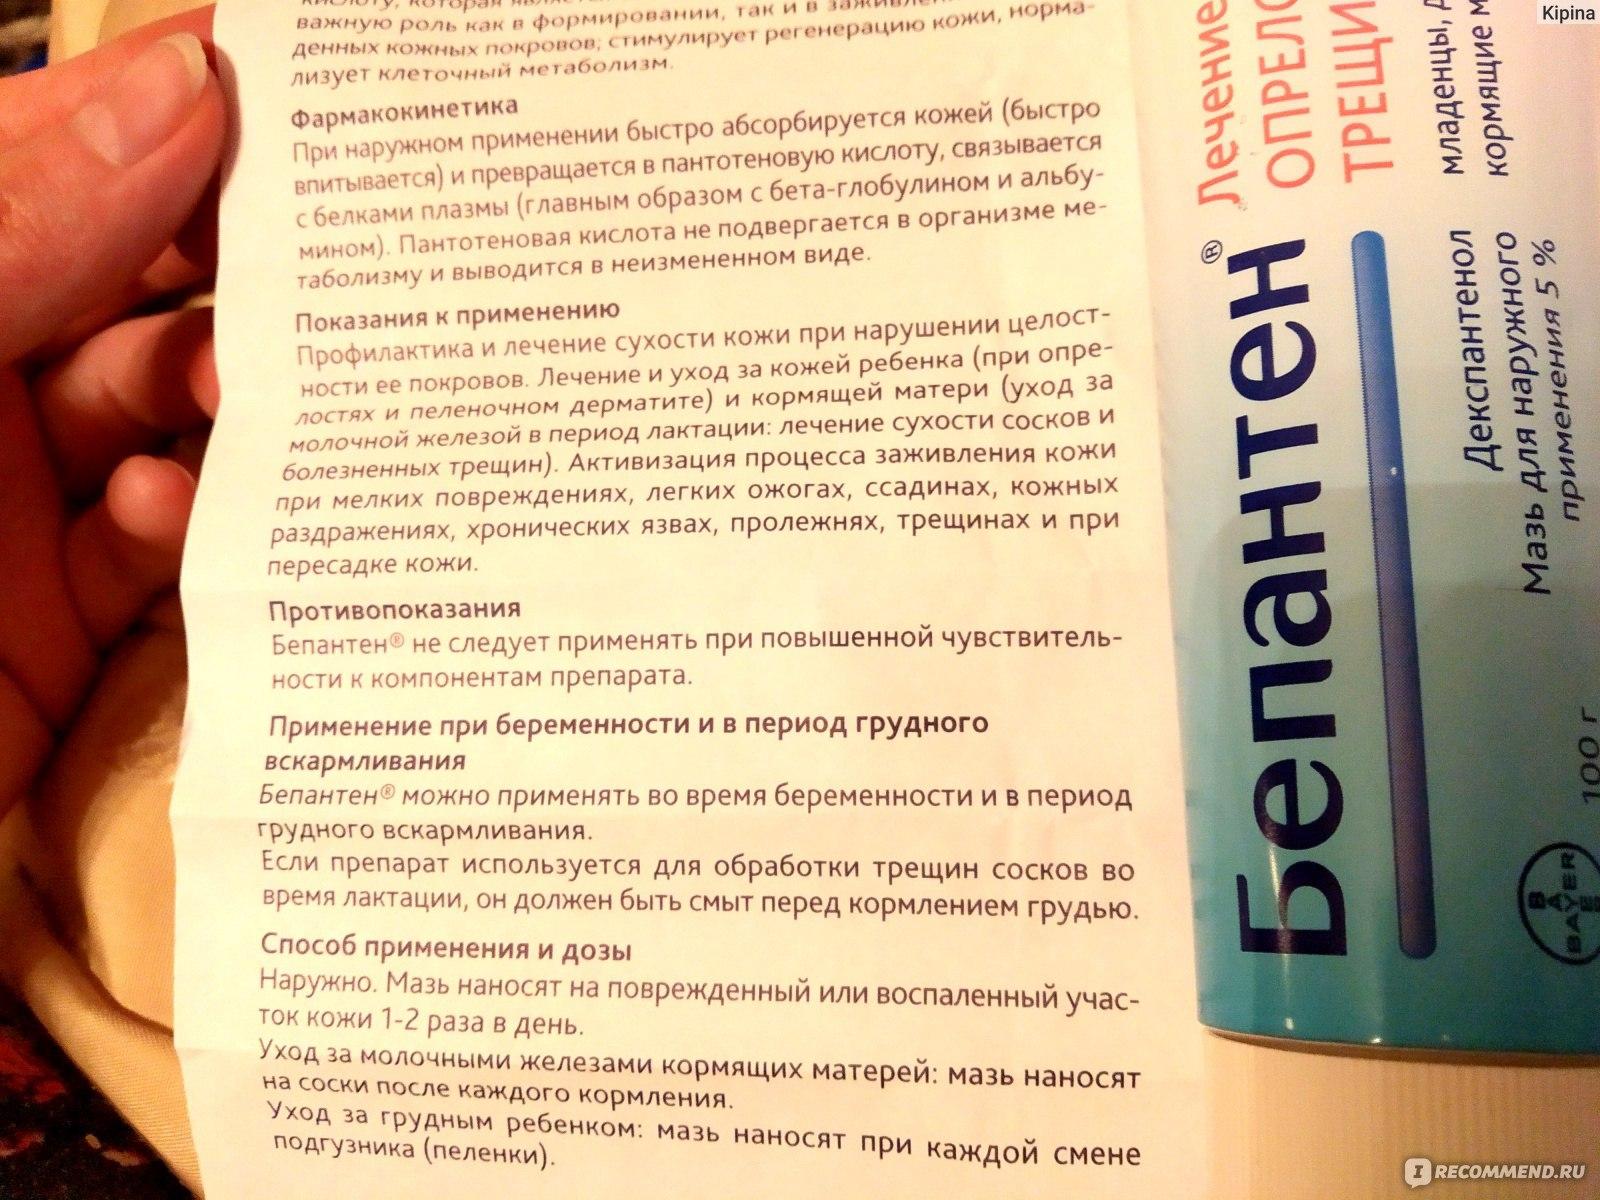 Мазь при лактостазе: обзор средств, правила применения, запрещенные составы